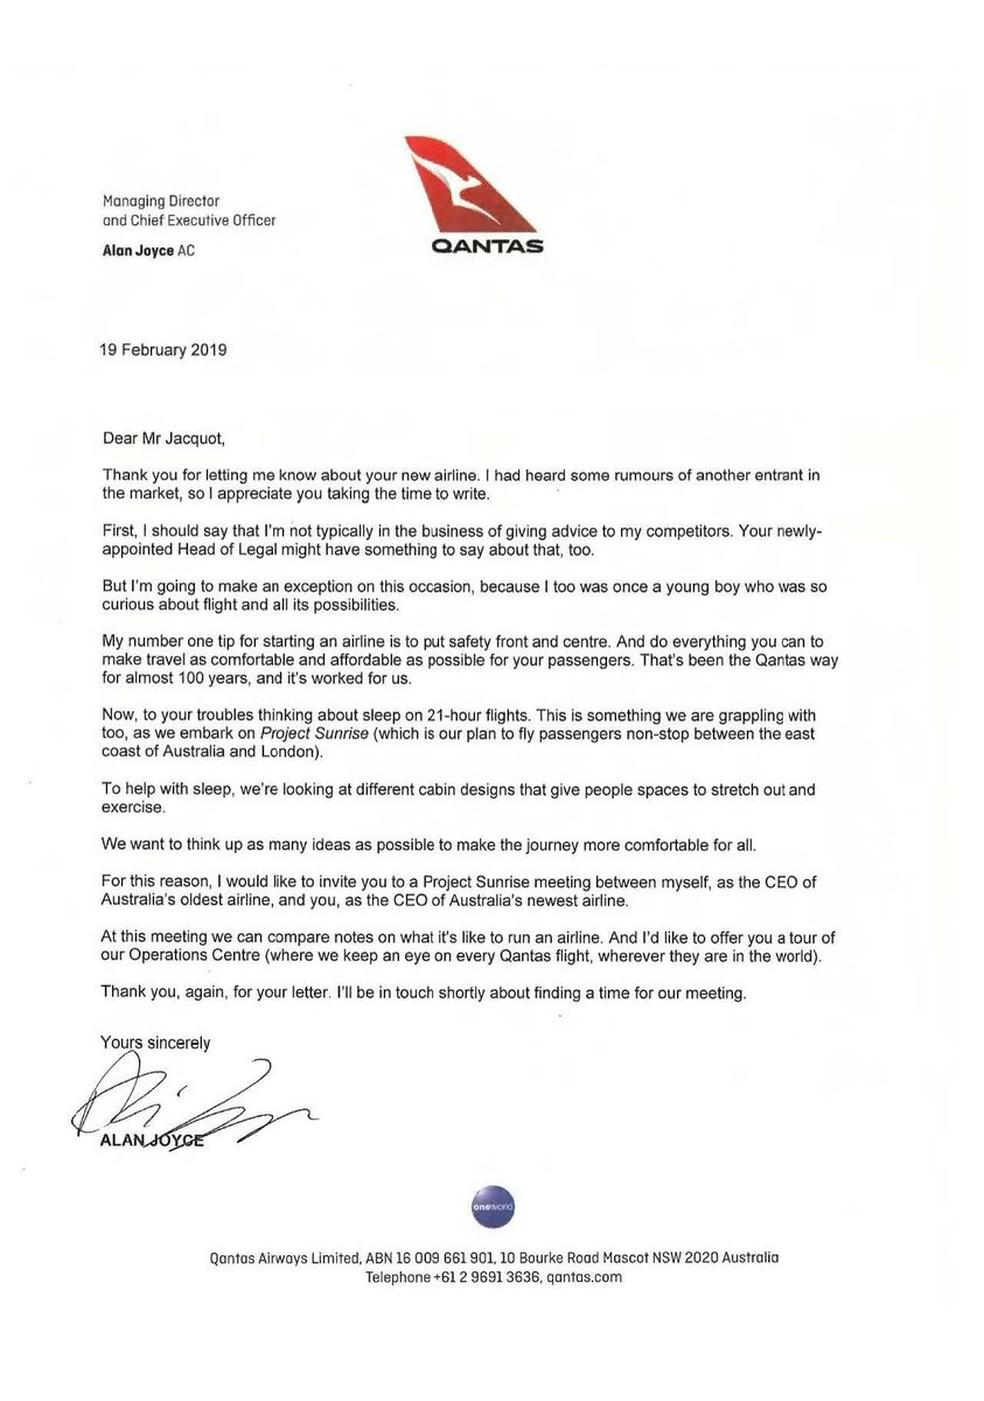 Carta de diretor da Qantas a menino que quer criar a própria empresa aérea — Foto: Qantas/Reprodução/Twitter